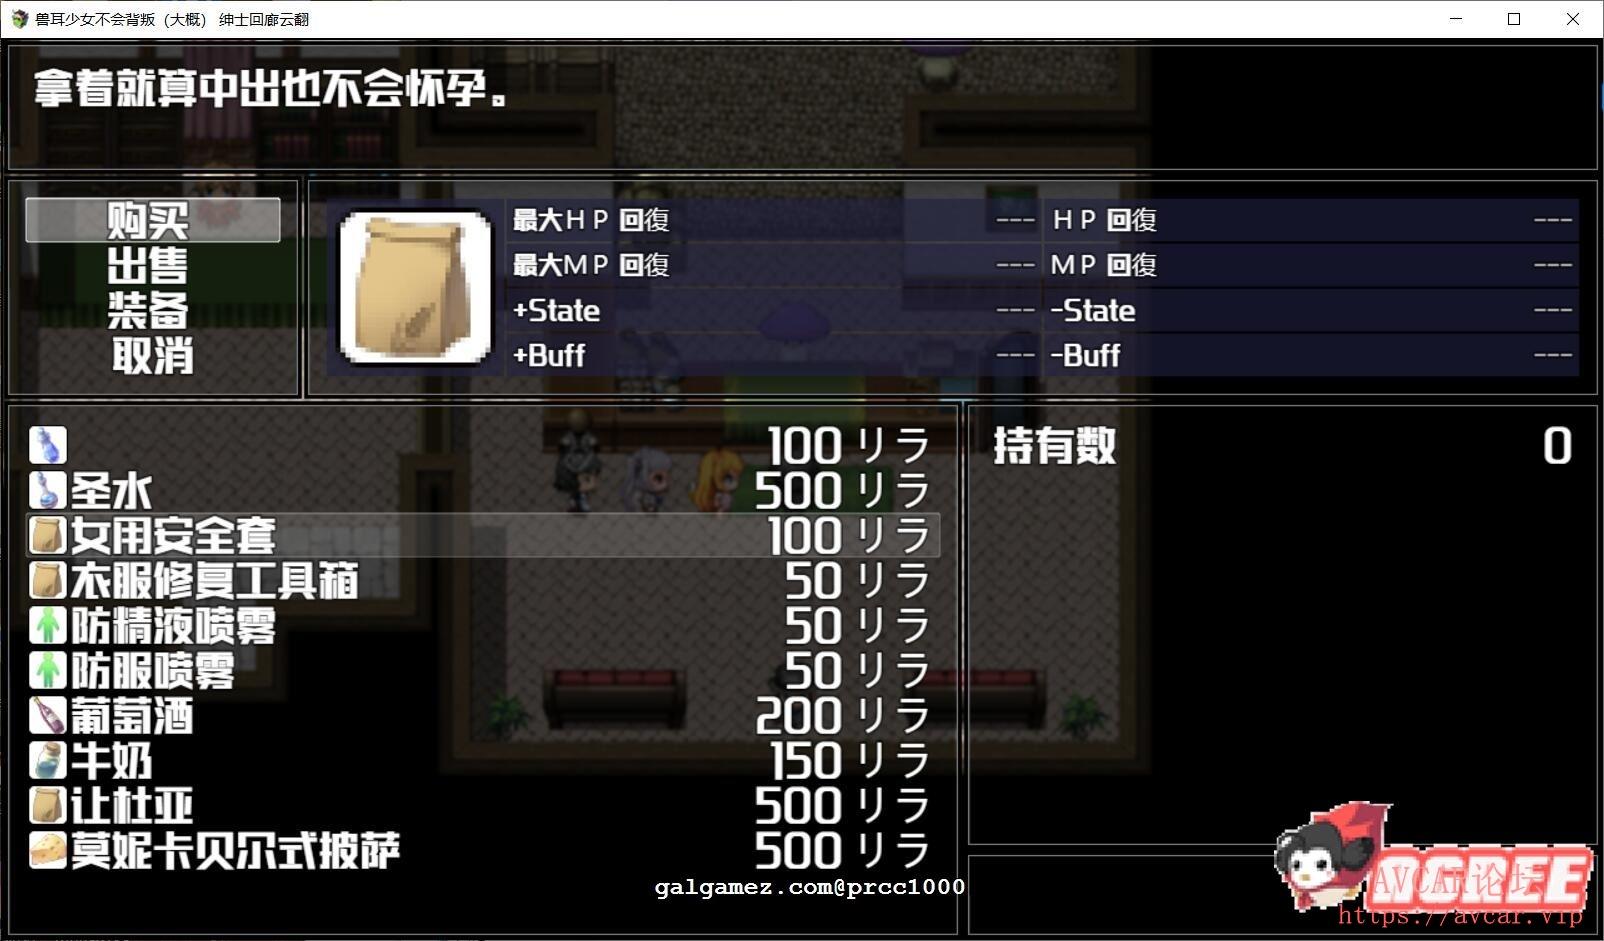 QQ20200802101146675f860cab3c1909.jpg